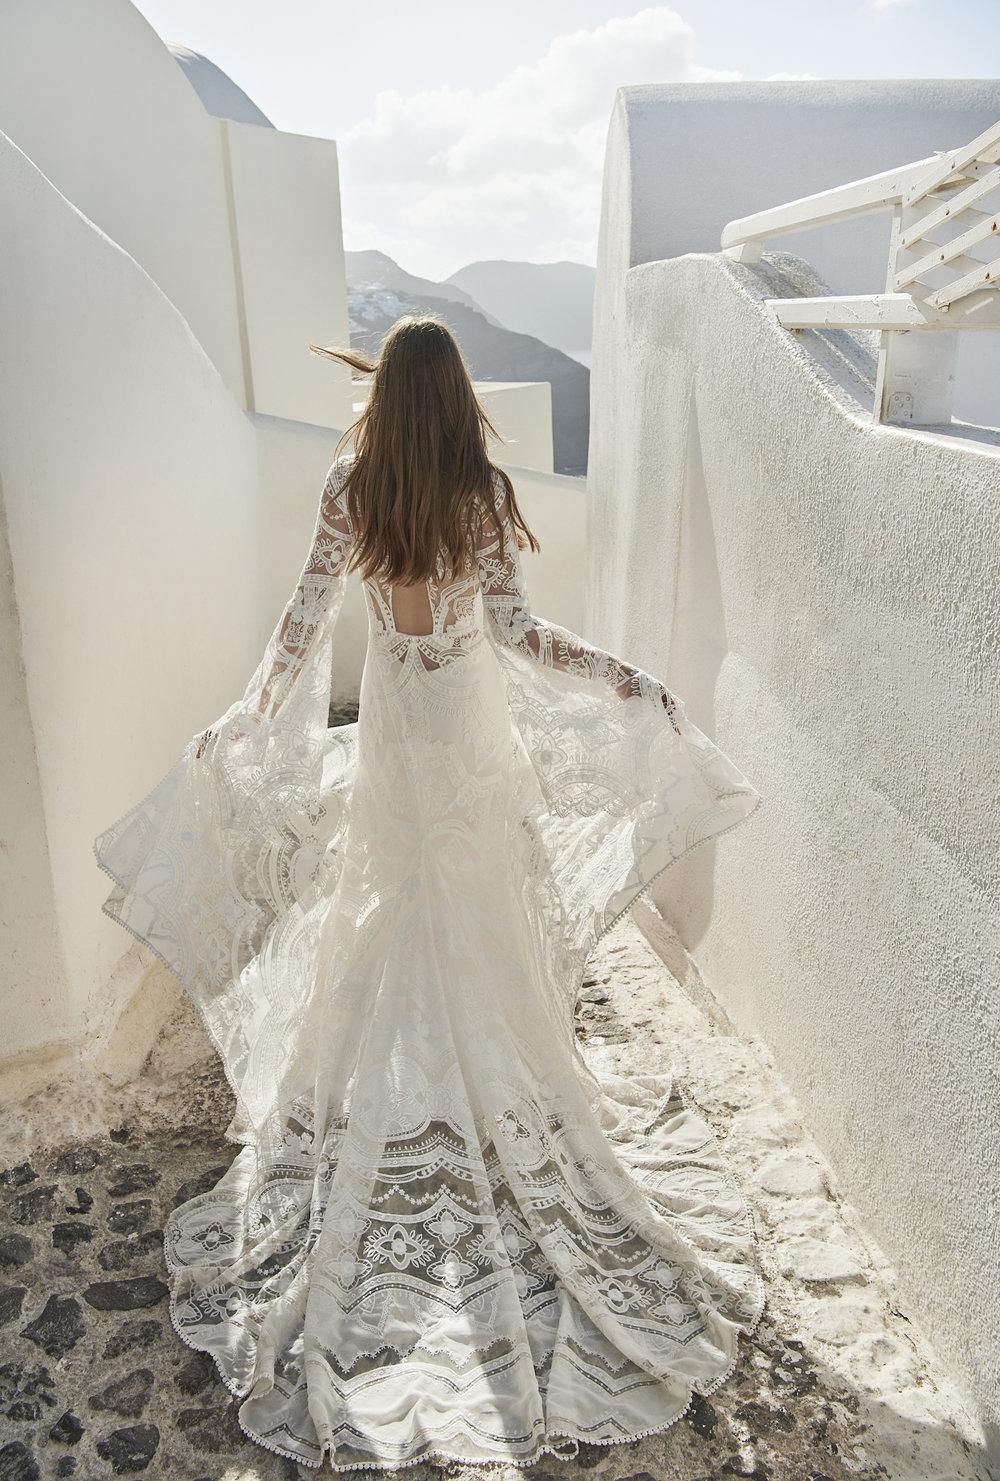 rue-de-seine-seattle-wedding-dress.jpg